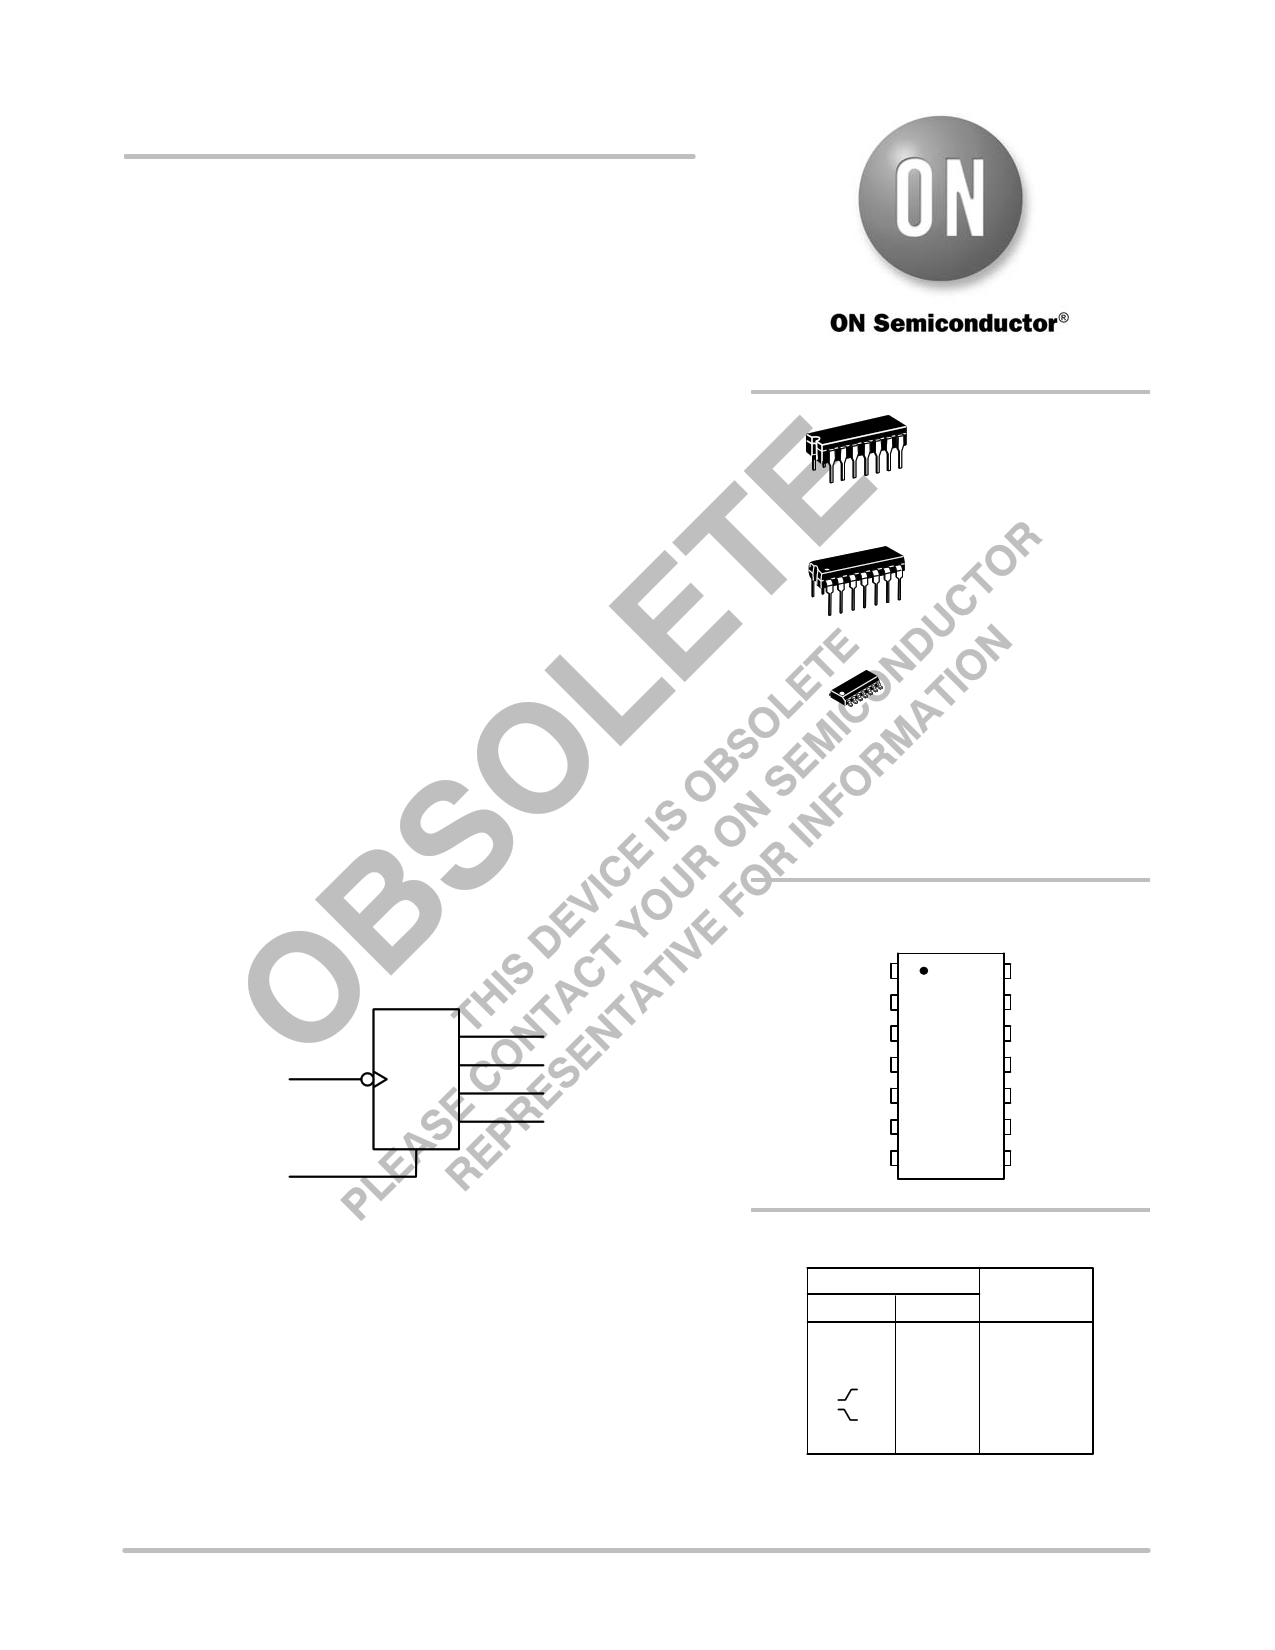 mc74hc393 datasheet pdf   pinout